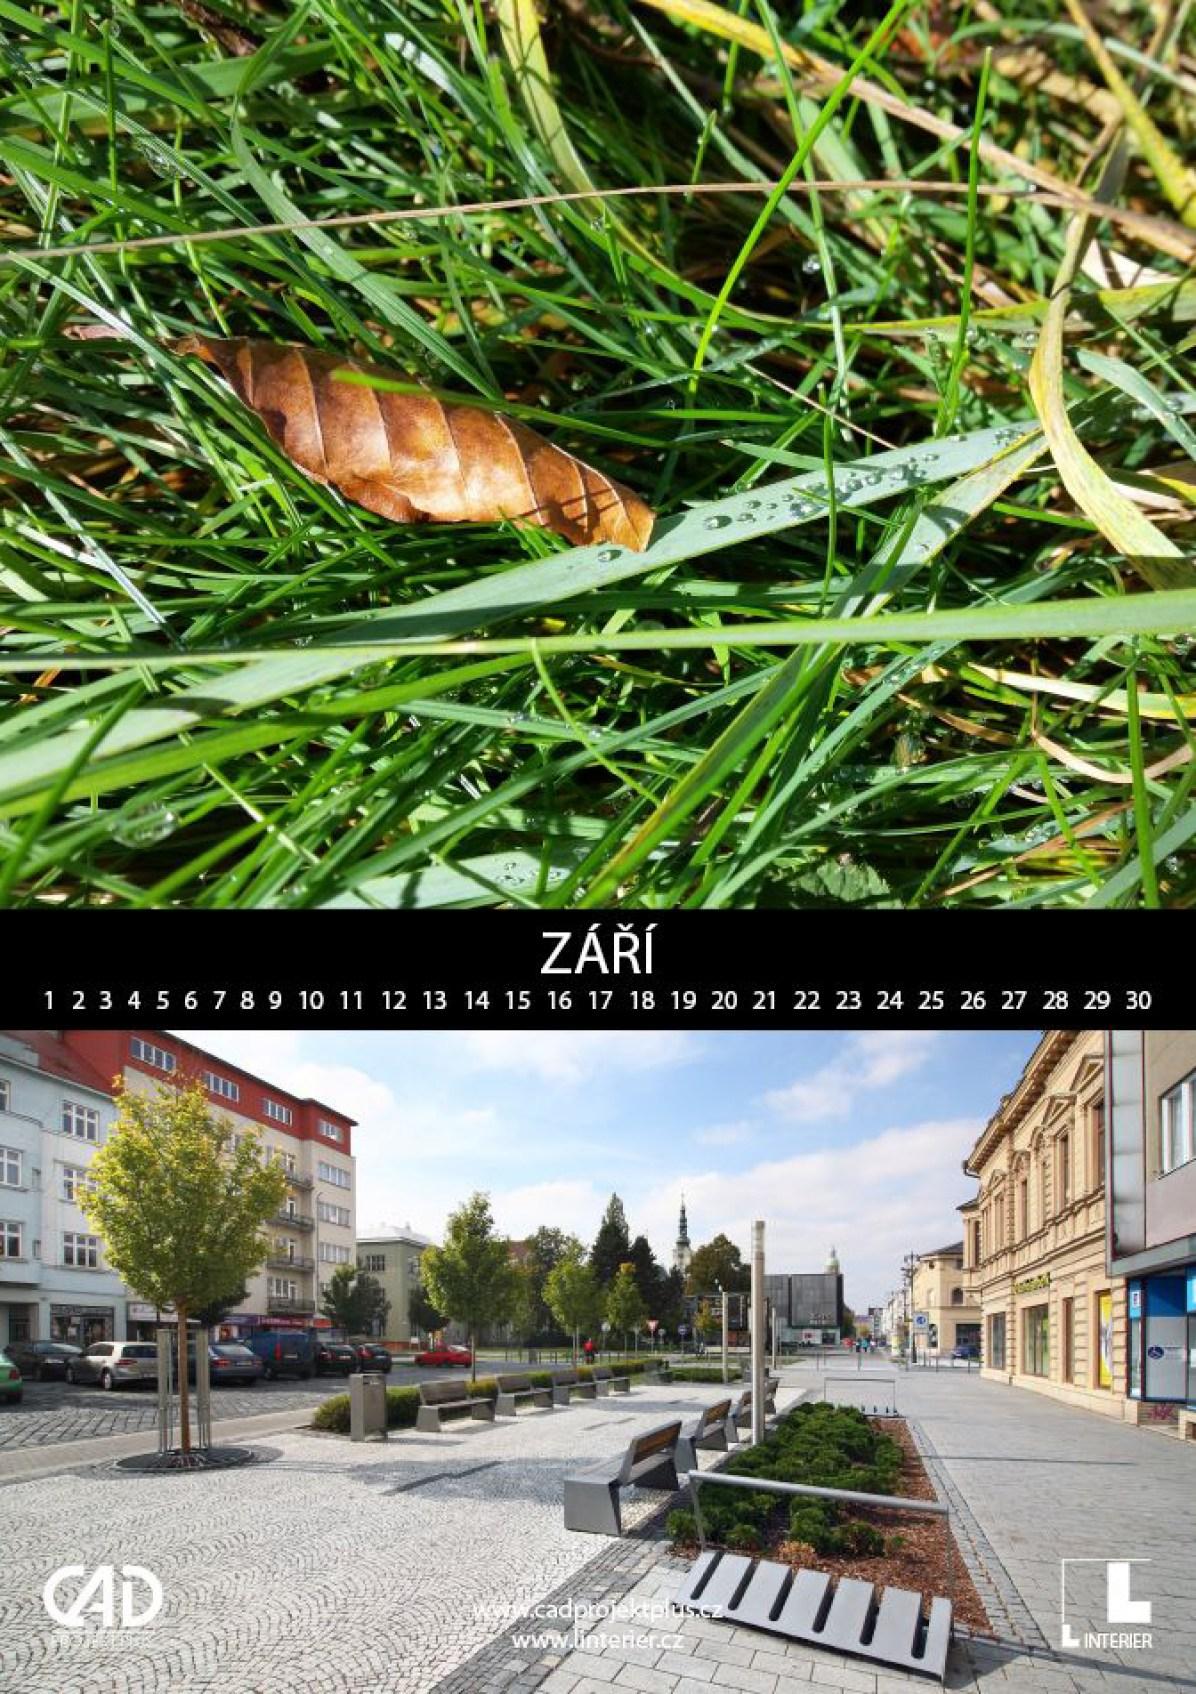 09_zari_cadprojektplus_2016